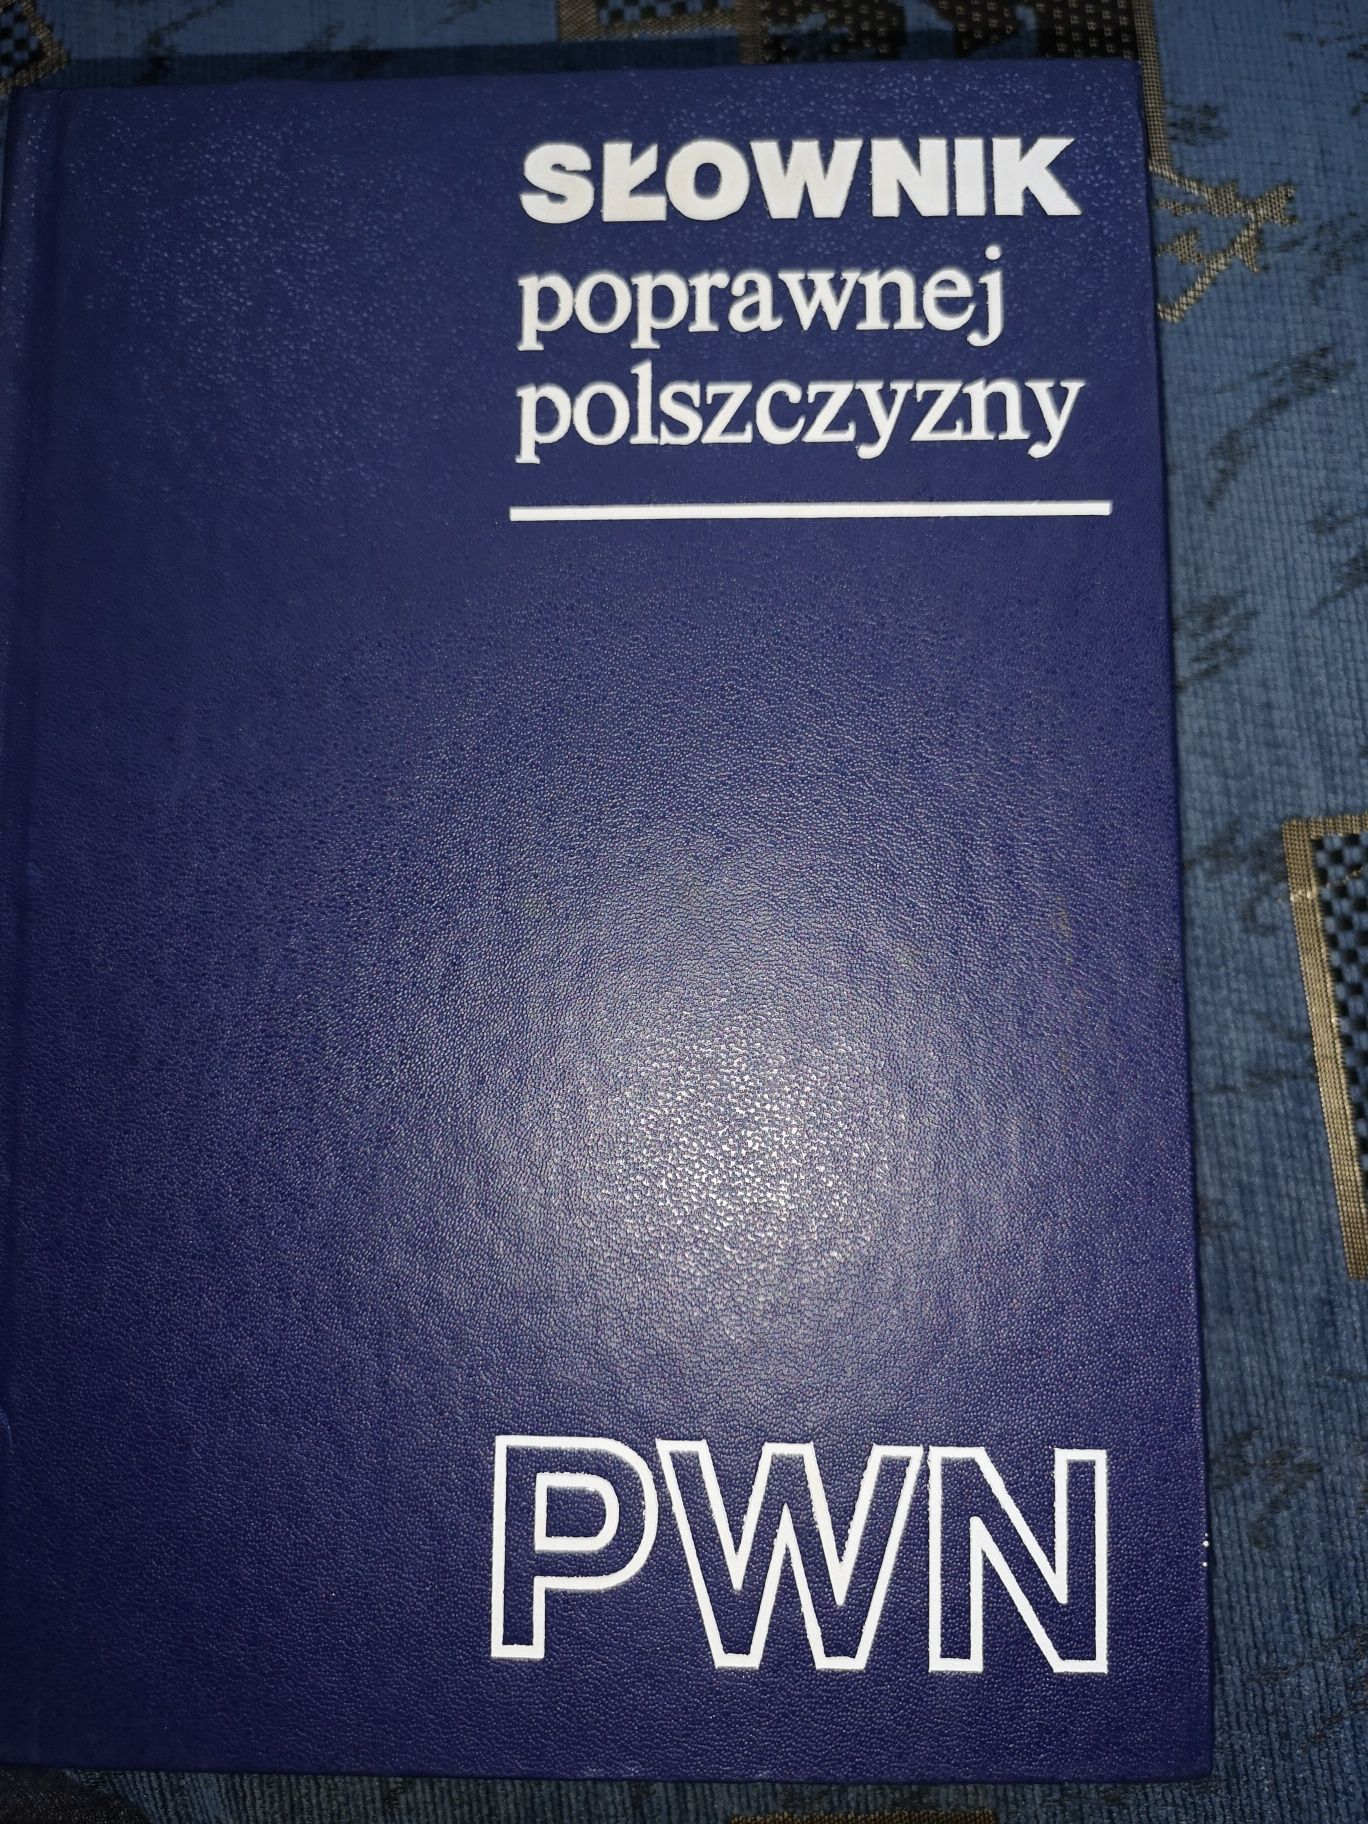 Słowniki języka polskiego. ortograficzny i poprawnej polszczyzny PWN